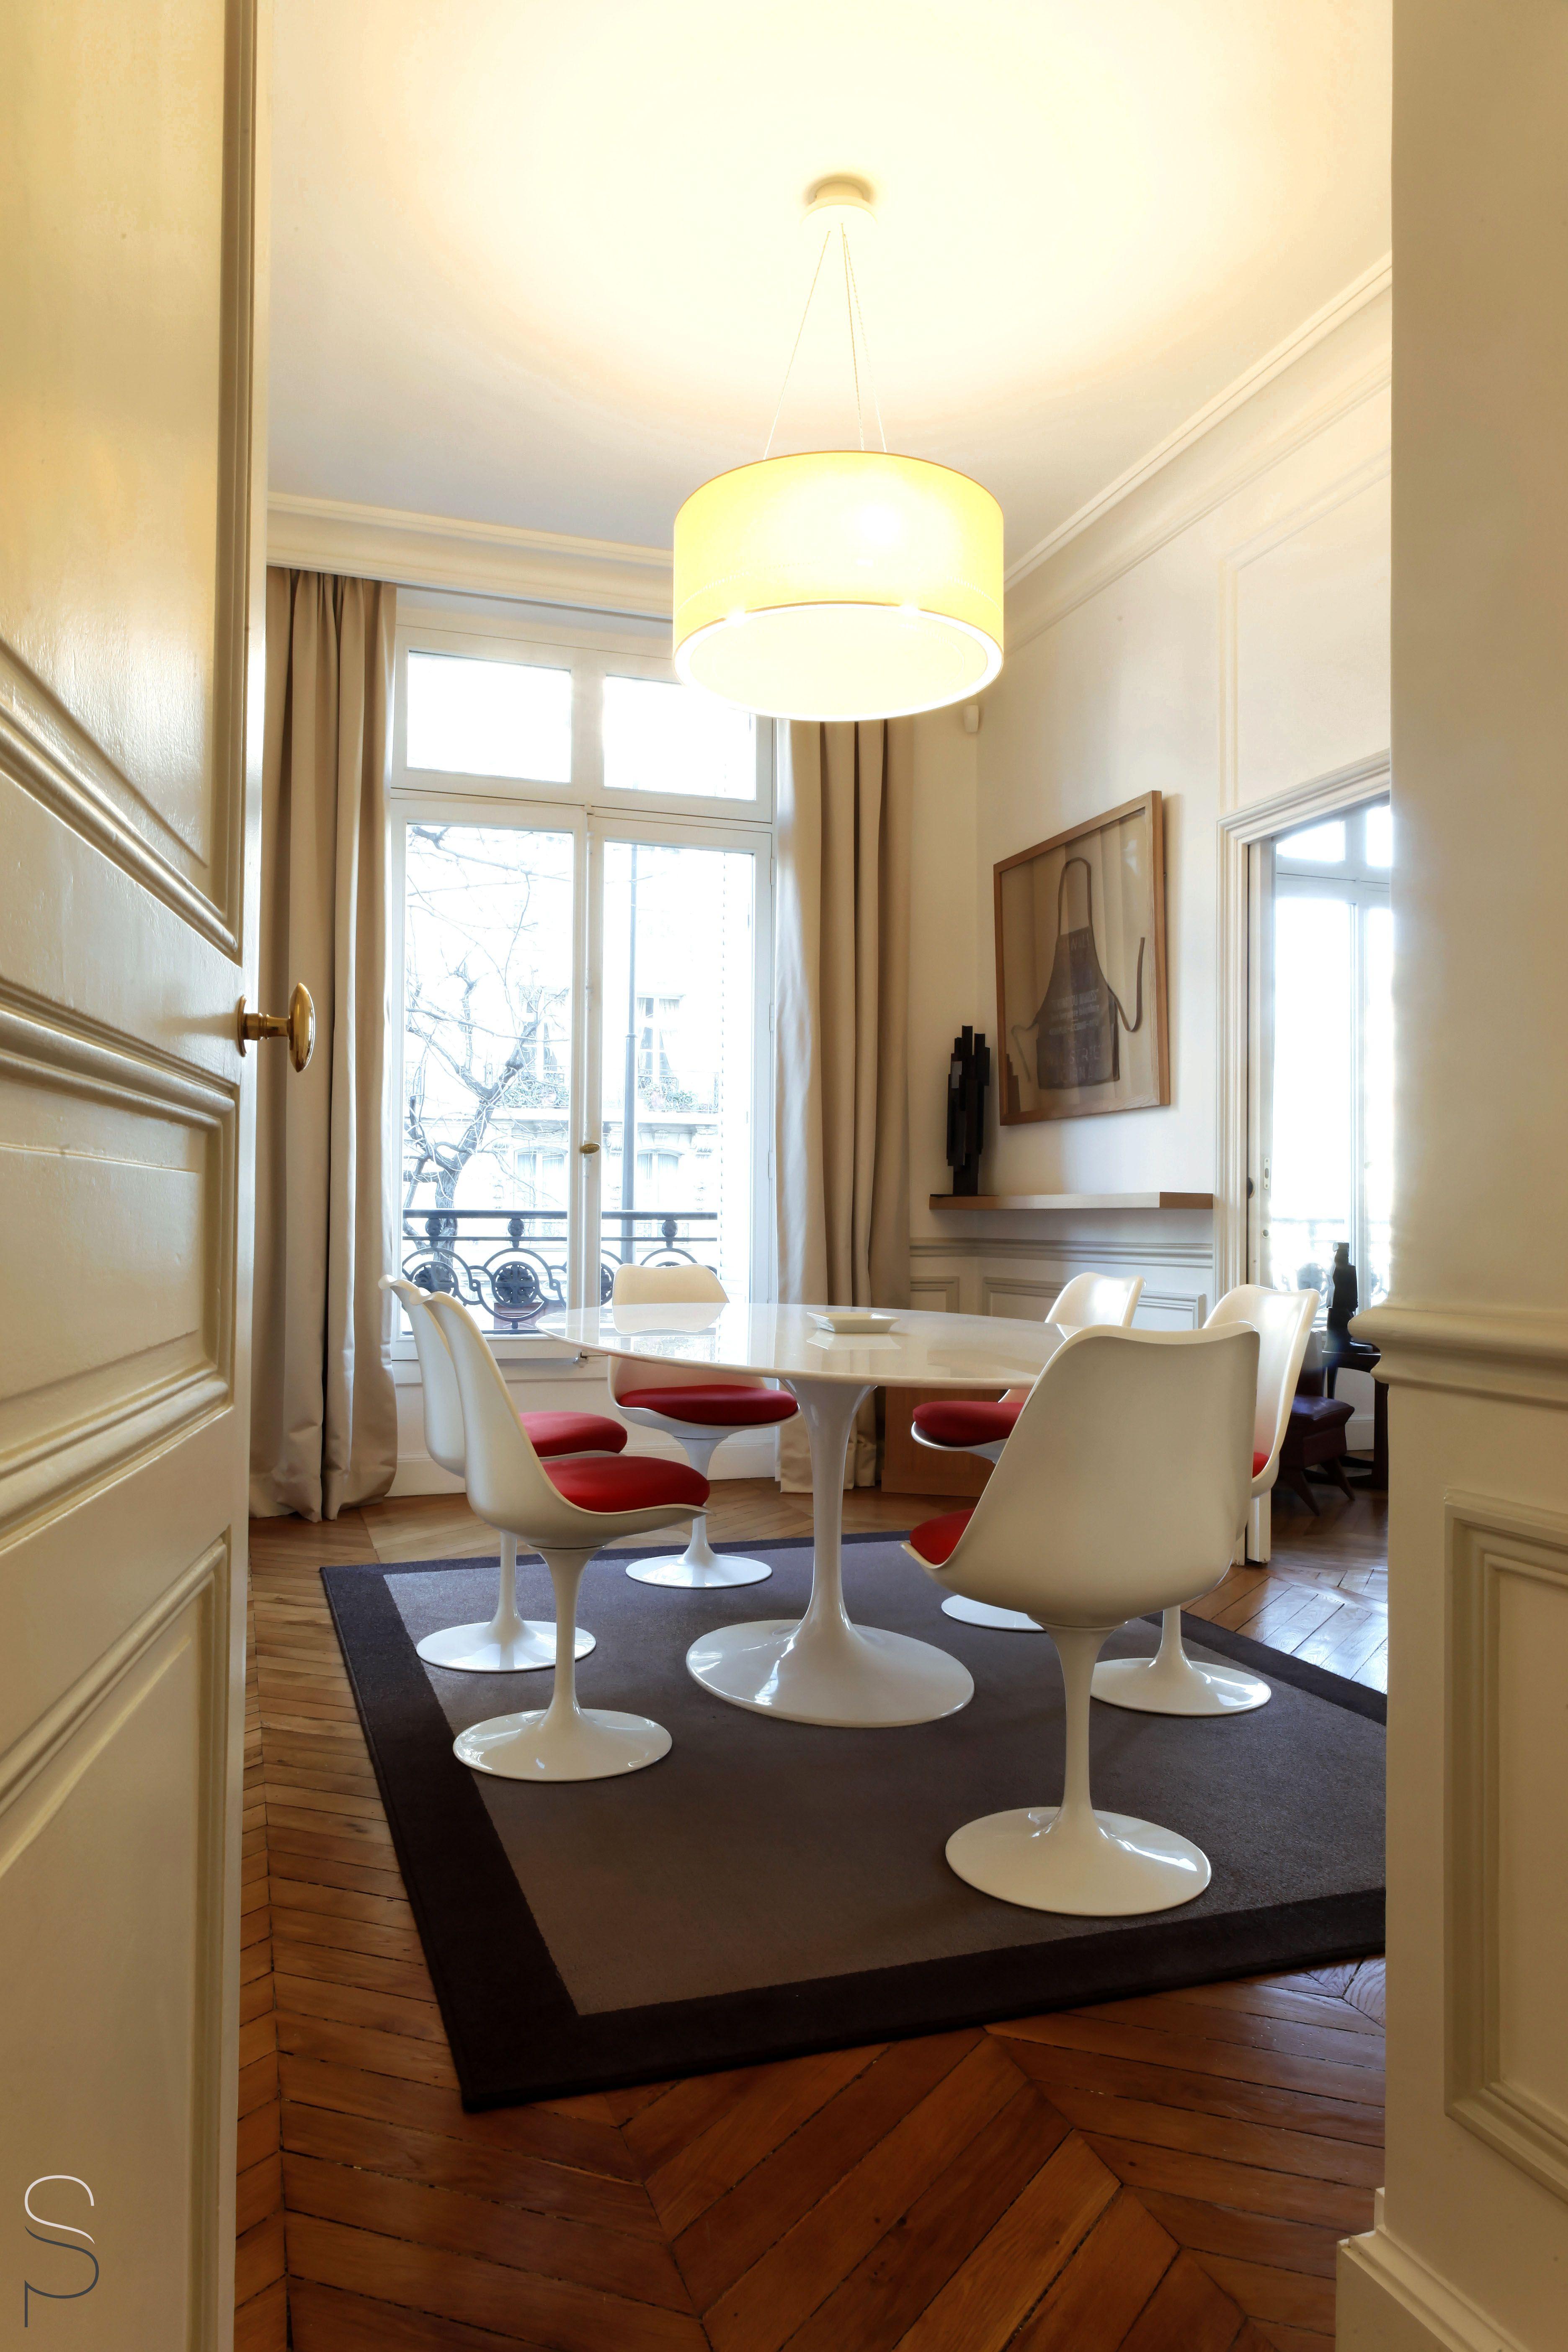 Bureau D Avocats Paris 8eme Home Decor Home Decor